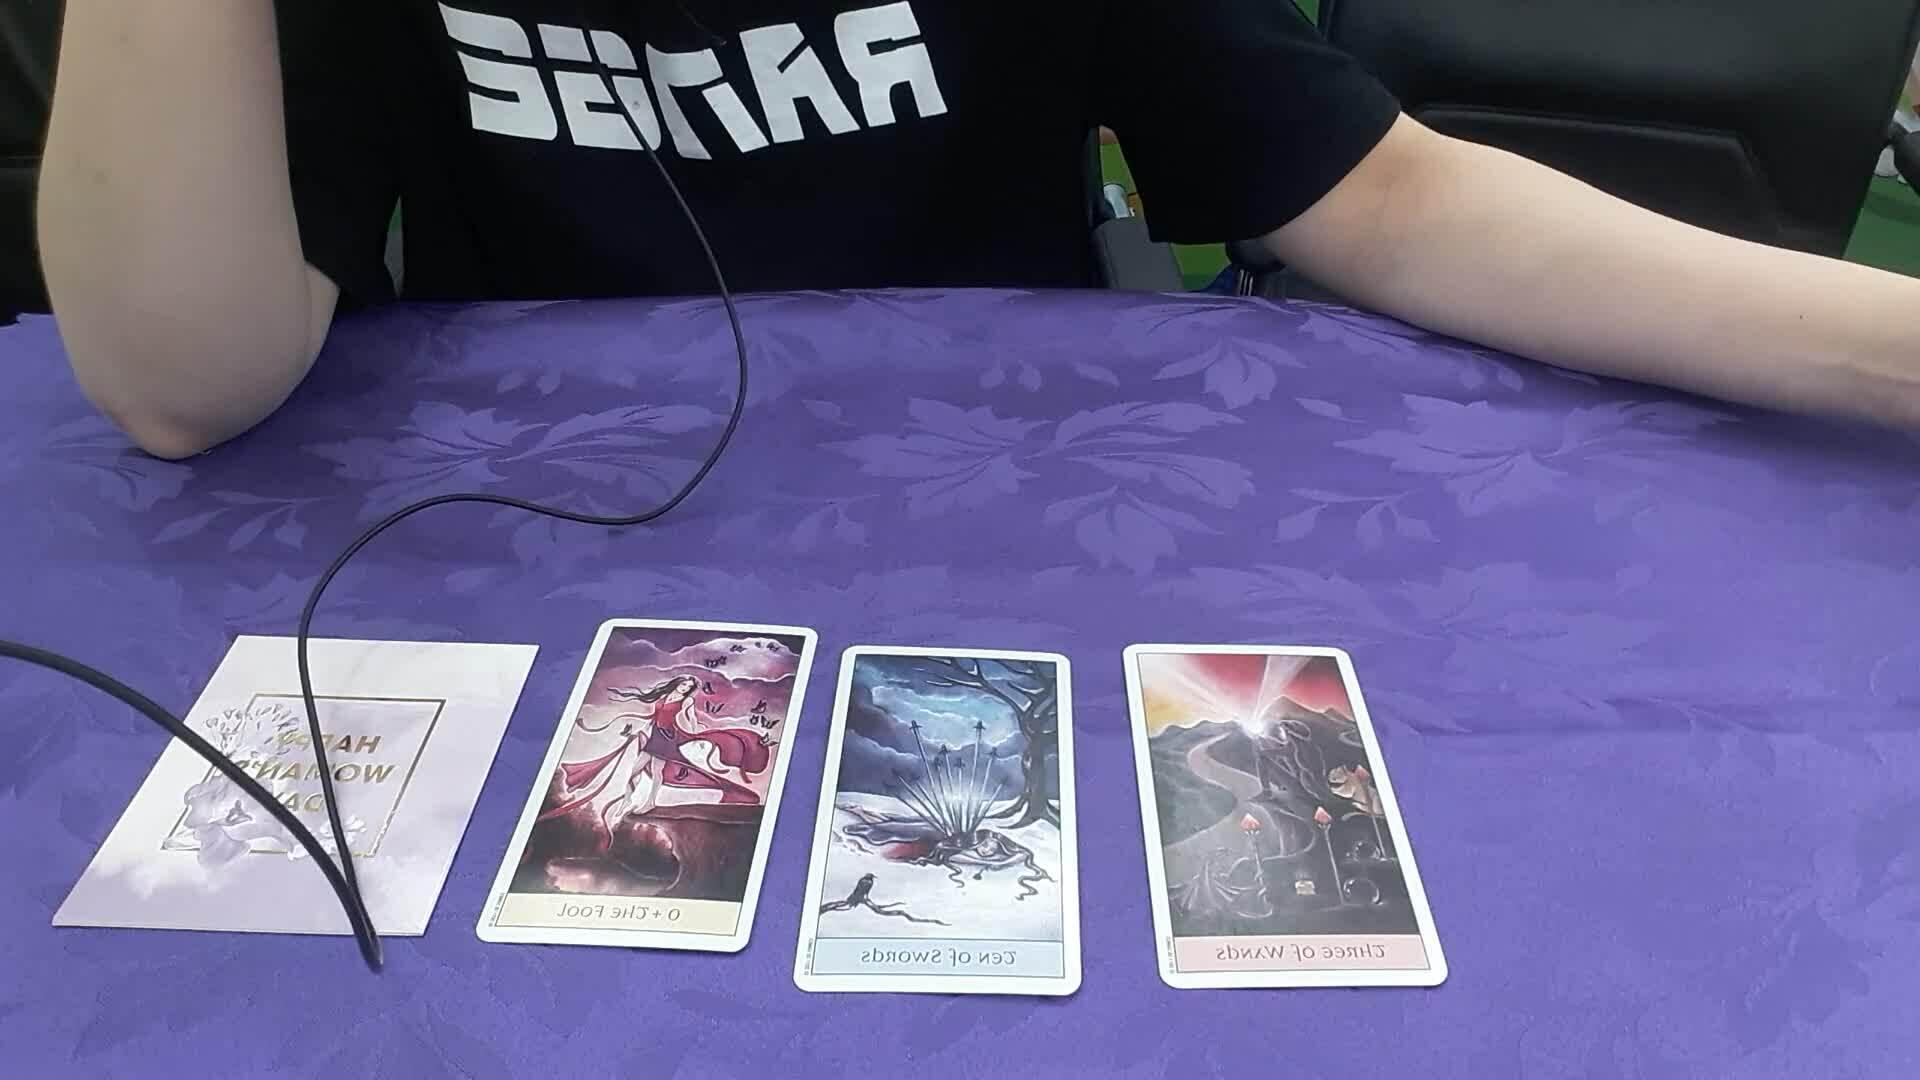 Video Tarot: Rốt cuộc, tình cảm mà họ dành cho bạn ở hiện tại là gì? (Bài clone - 1)